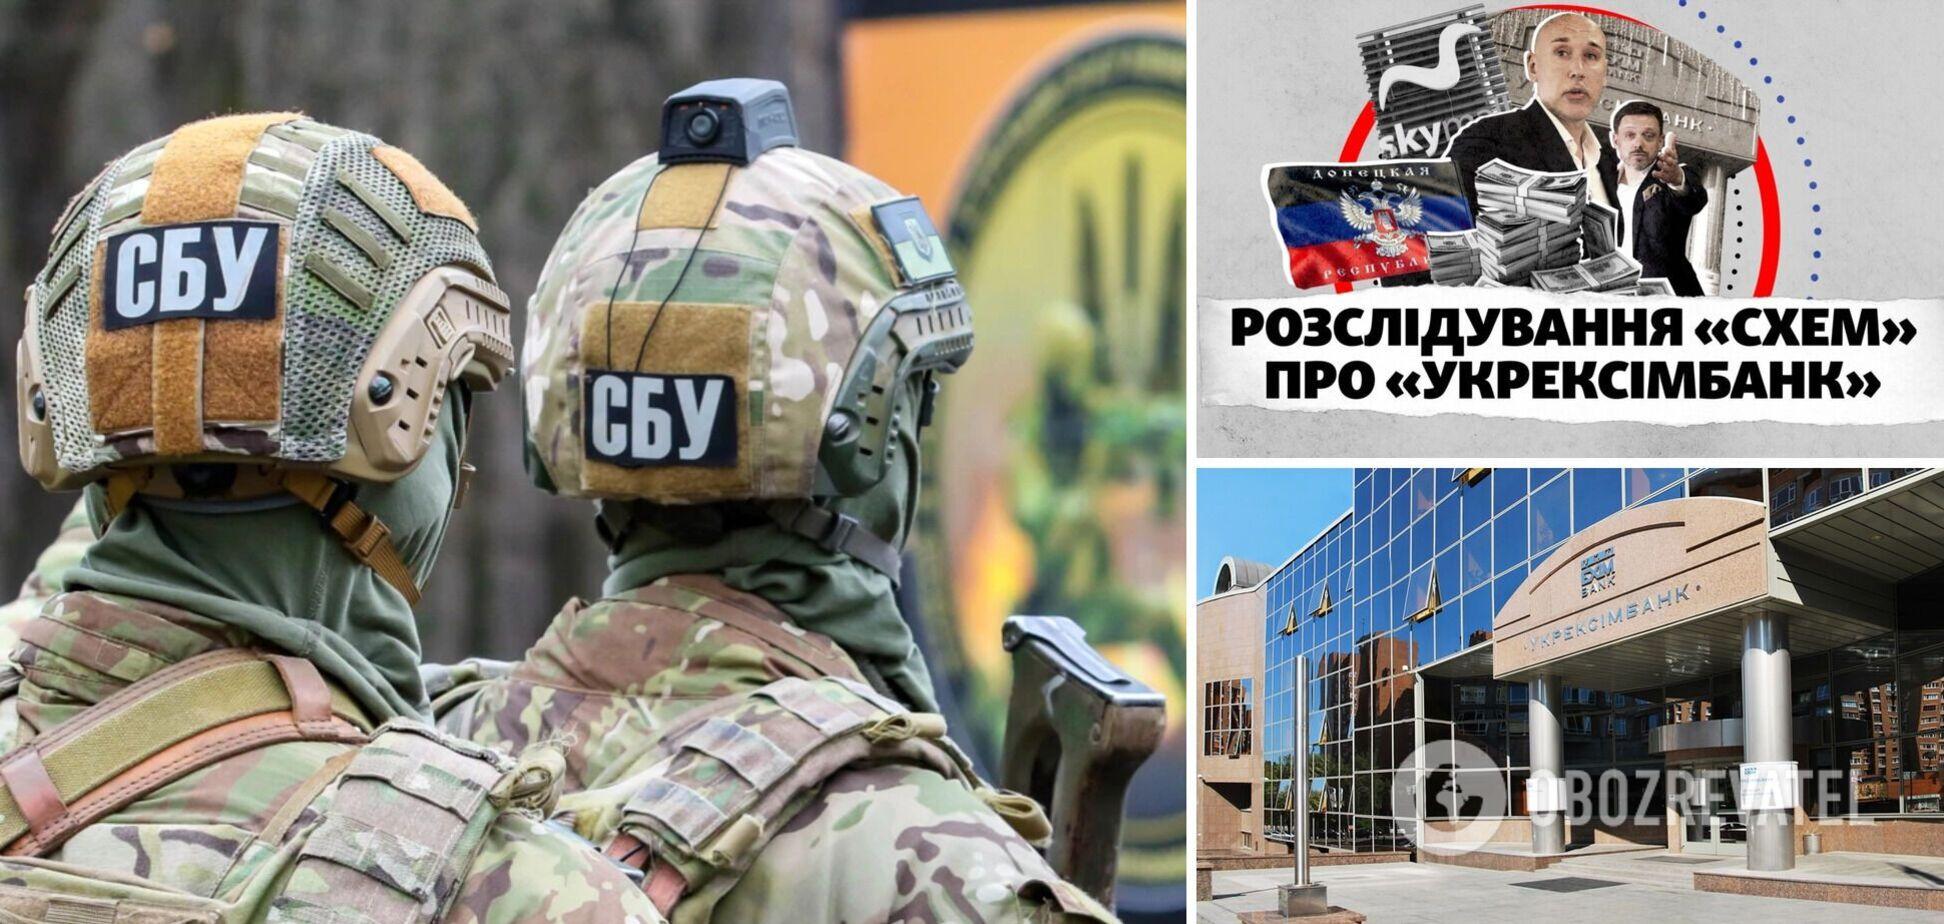 СБУ расследует финансирование терроризма Укрэксимбанком по материалам 'Схем'. Видео